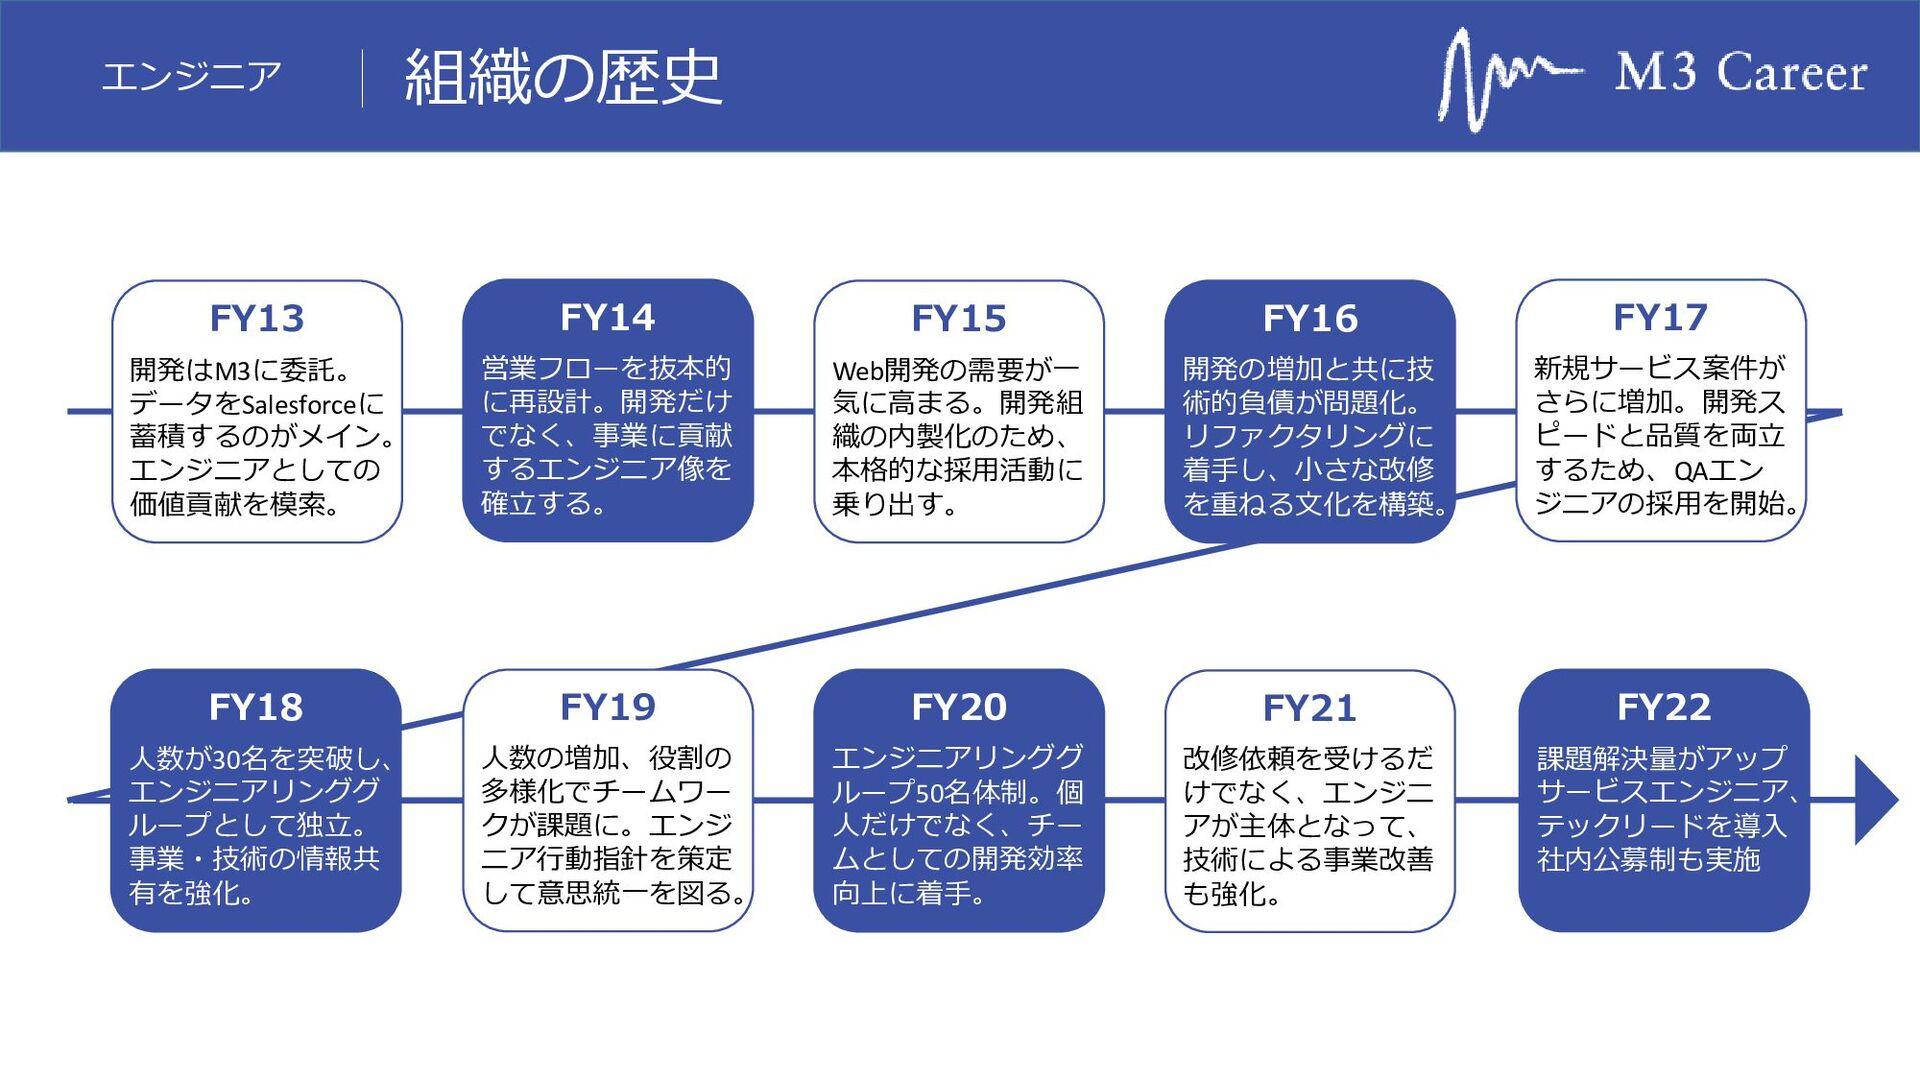 エンジニア ToC系サイトの例 m3.com CAREER 産業医エクスプレス アネナビ! 薬...